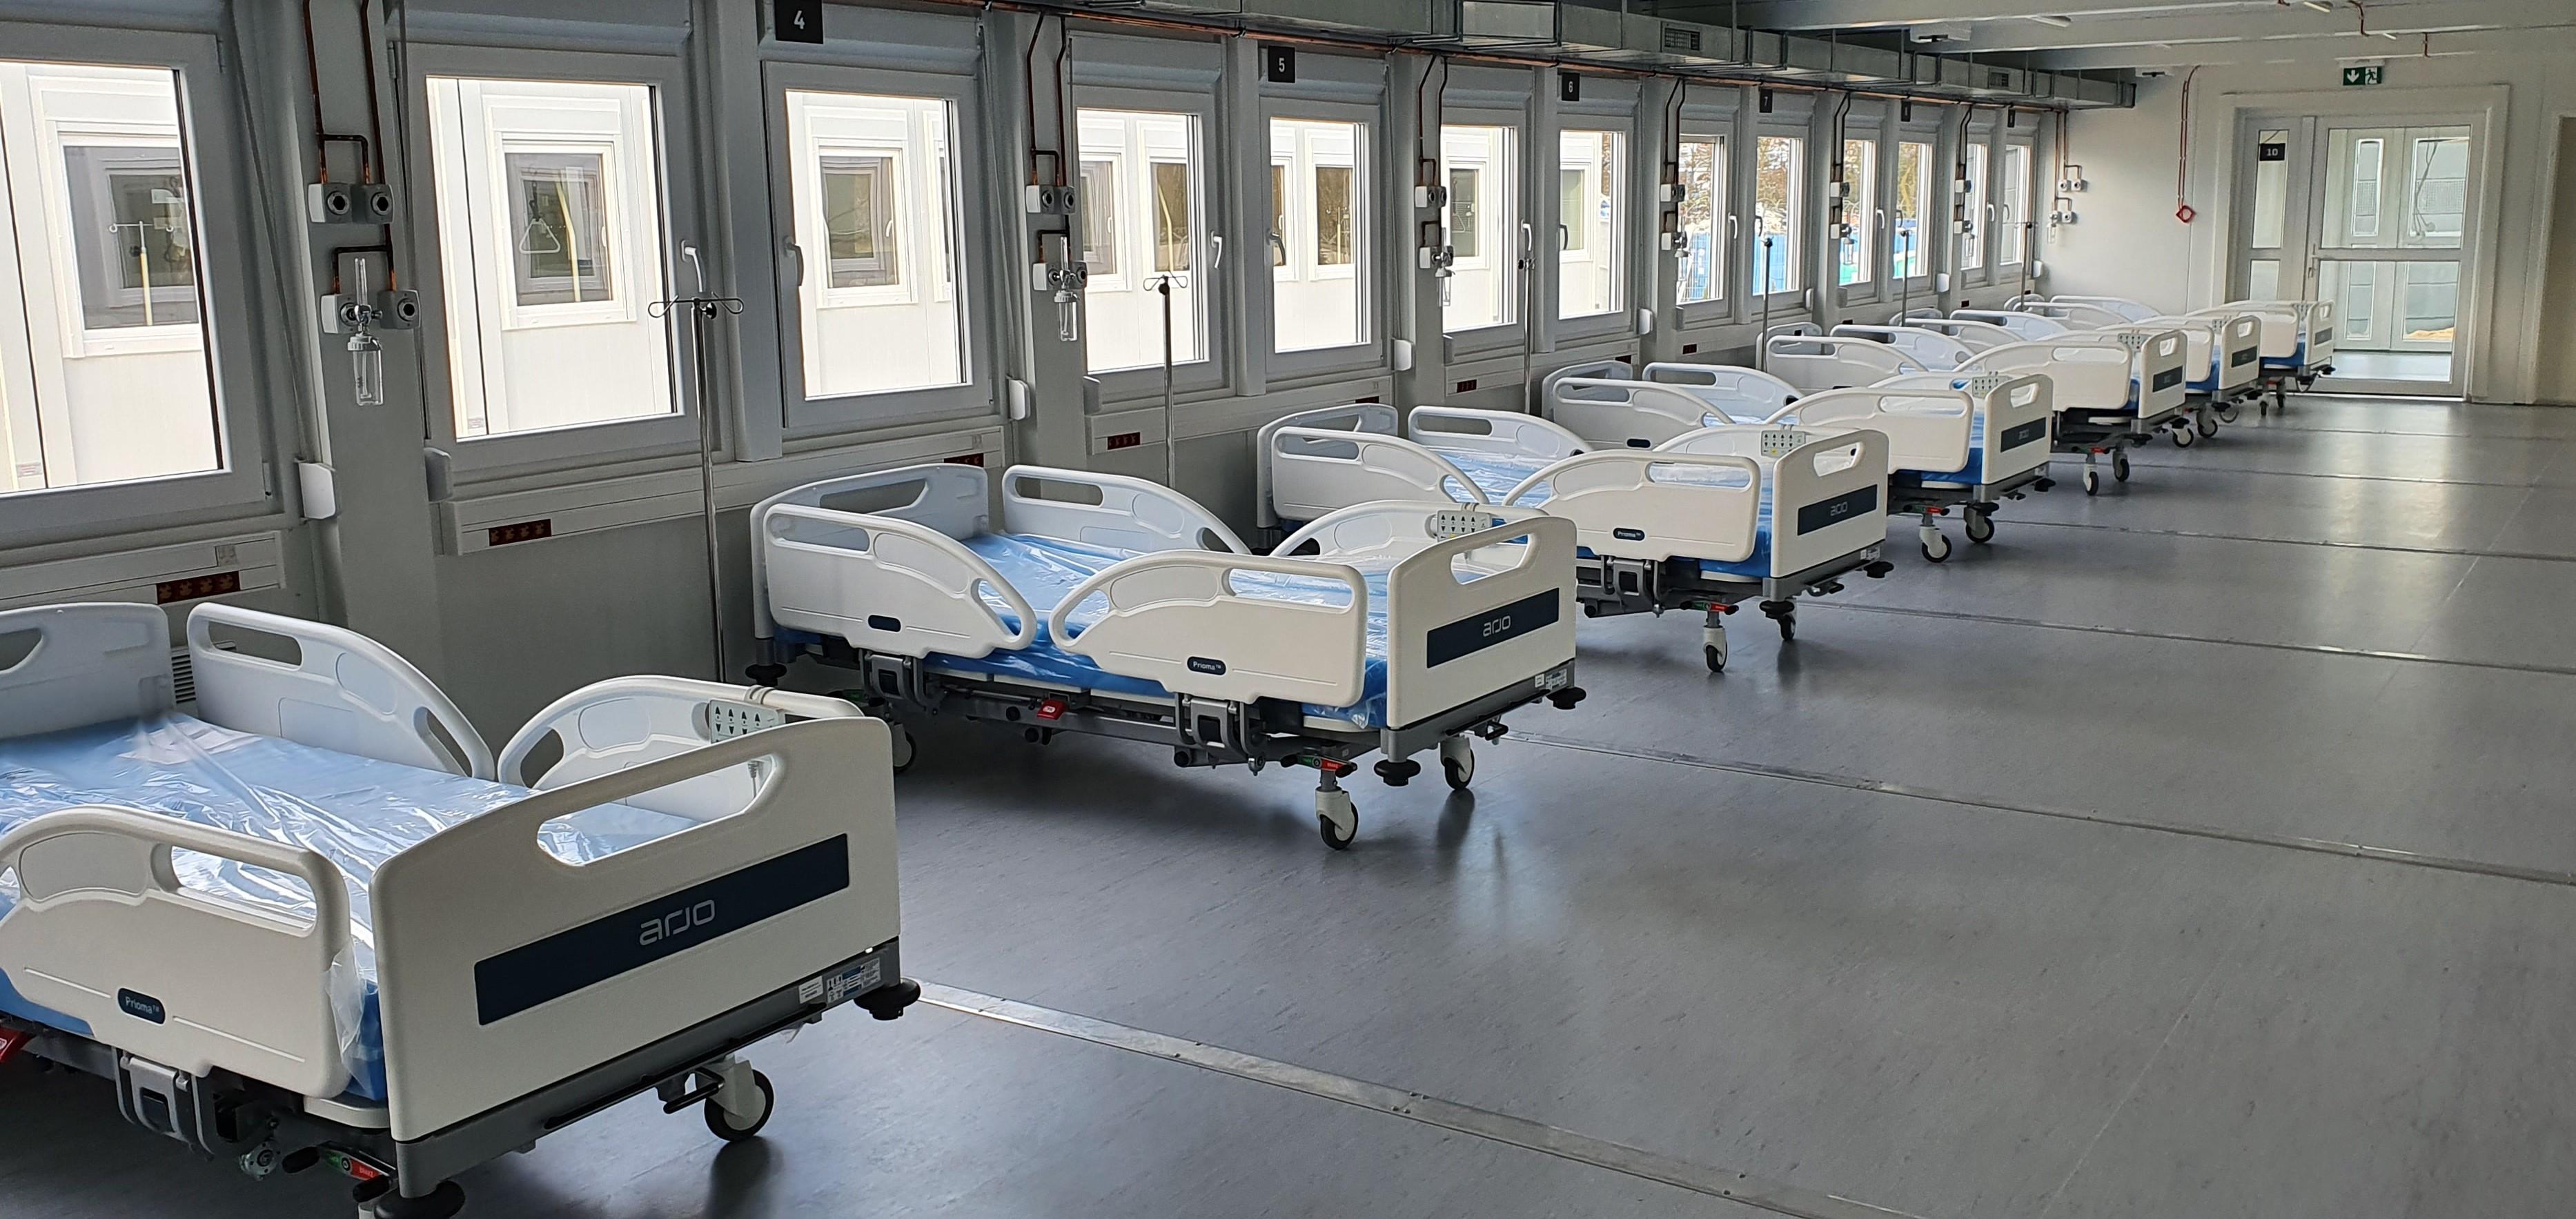 Winiary więcej pacjentów z Covid-19 nie przyjmą, w tymczasowym nie ma anestezjologów. - Nie są zainteresowani pracą w szpitalu tymczasowym - Zdjęcie główne